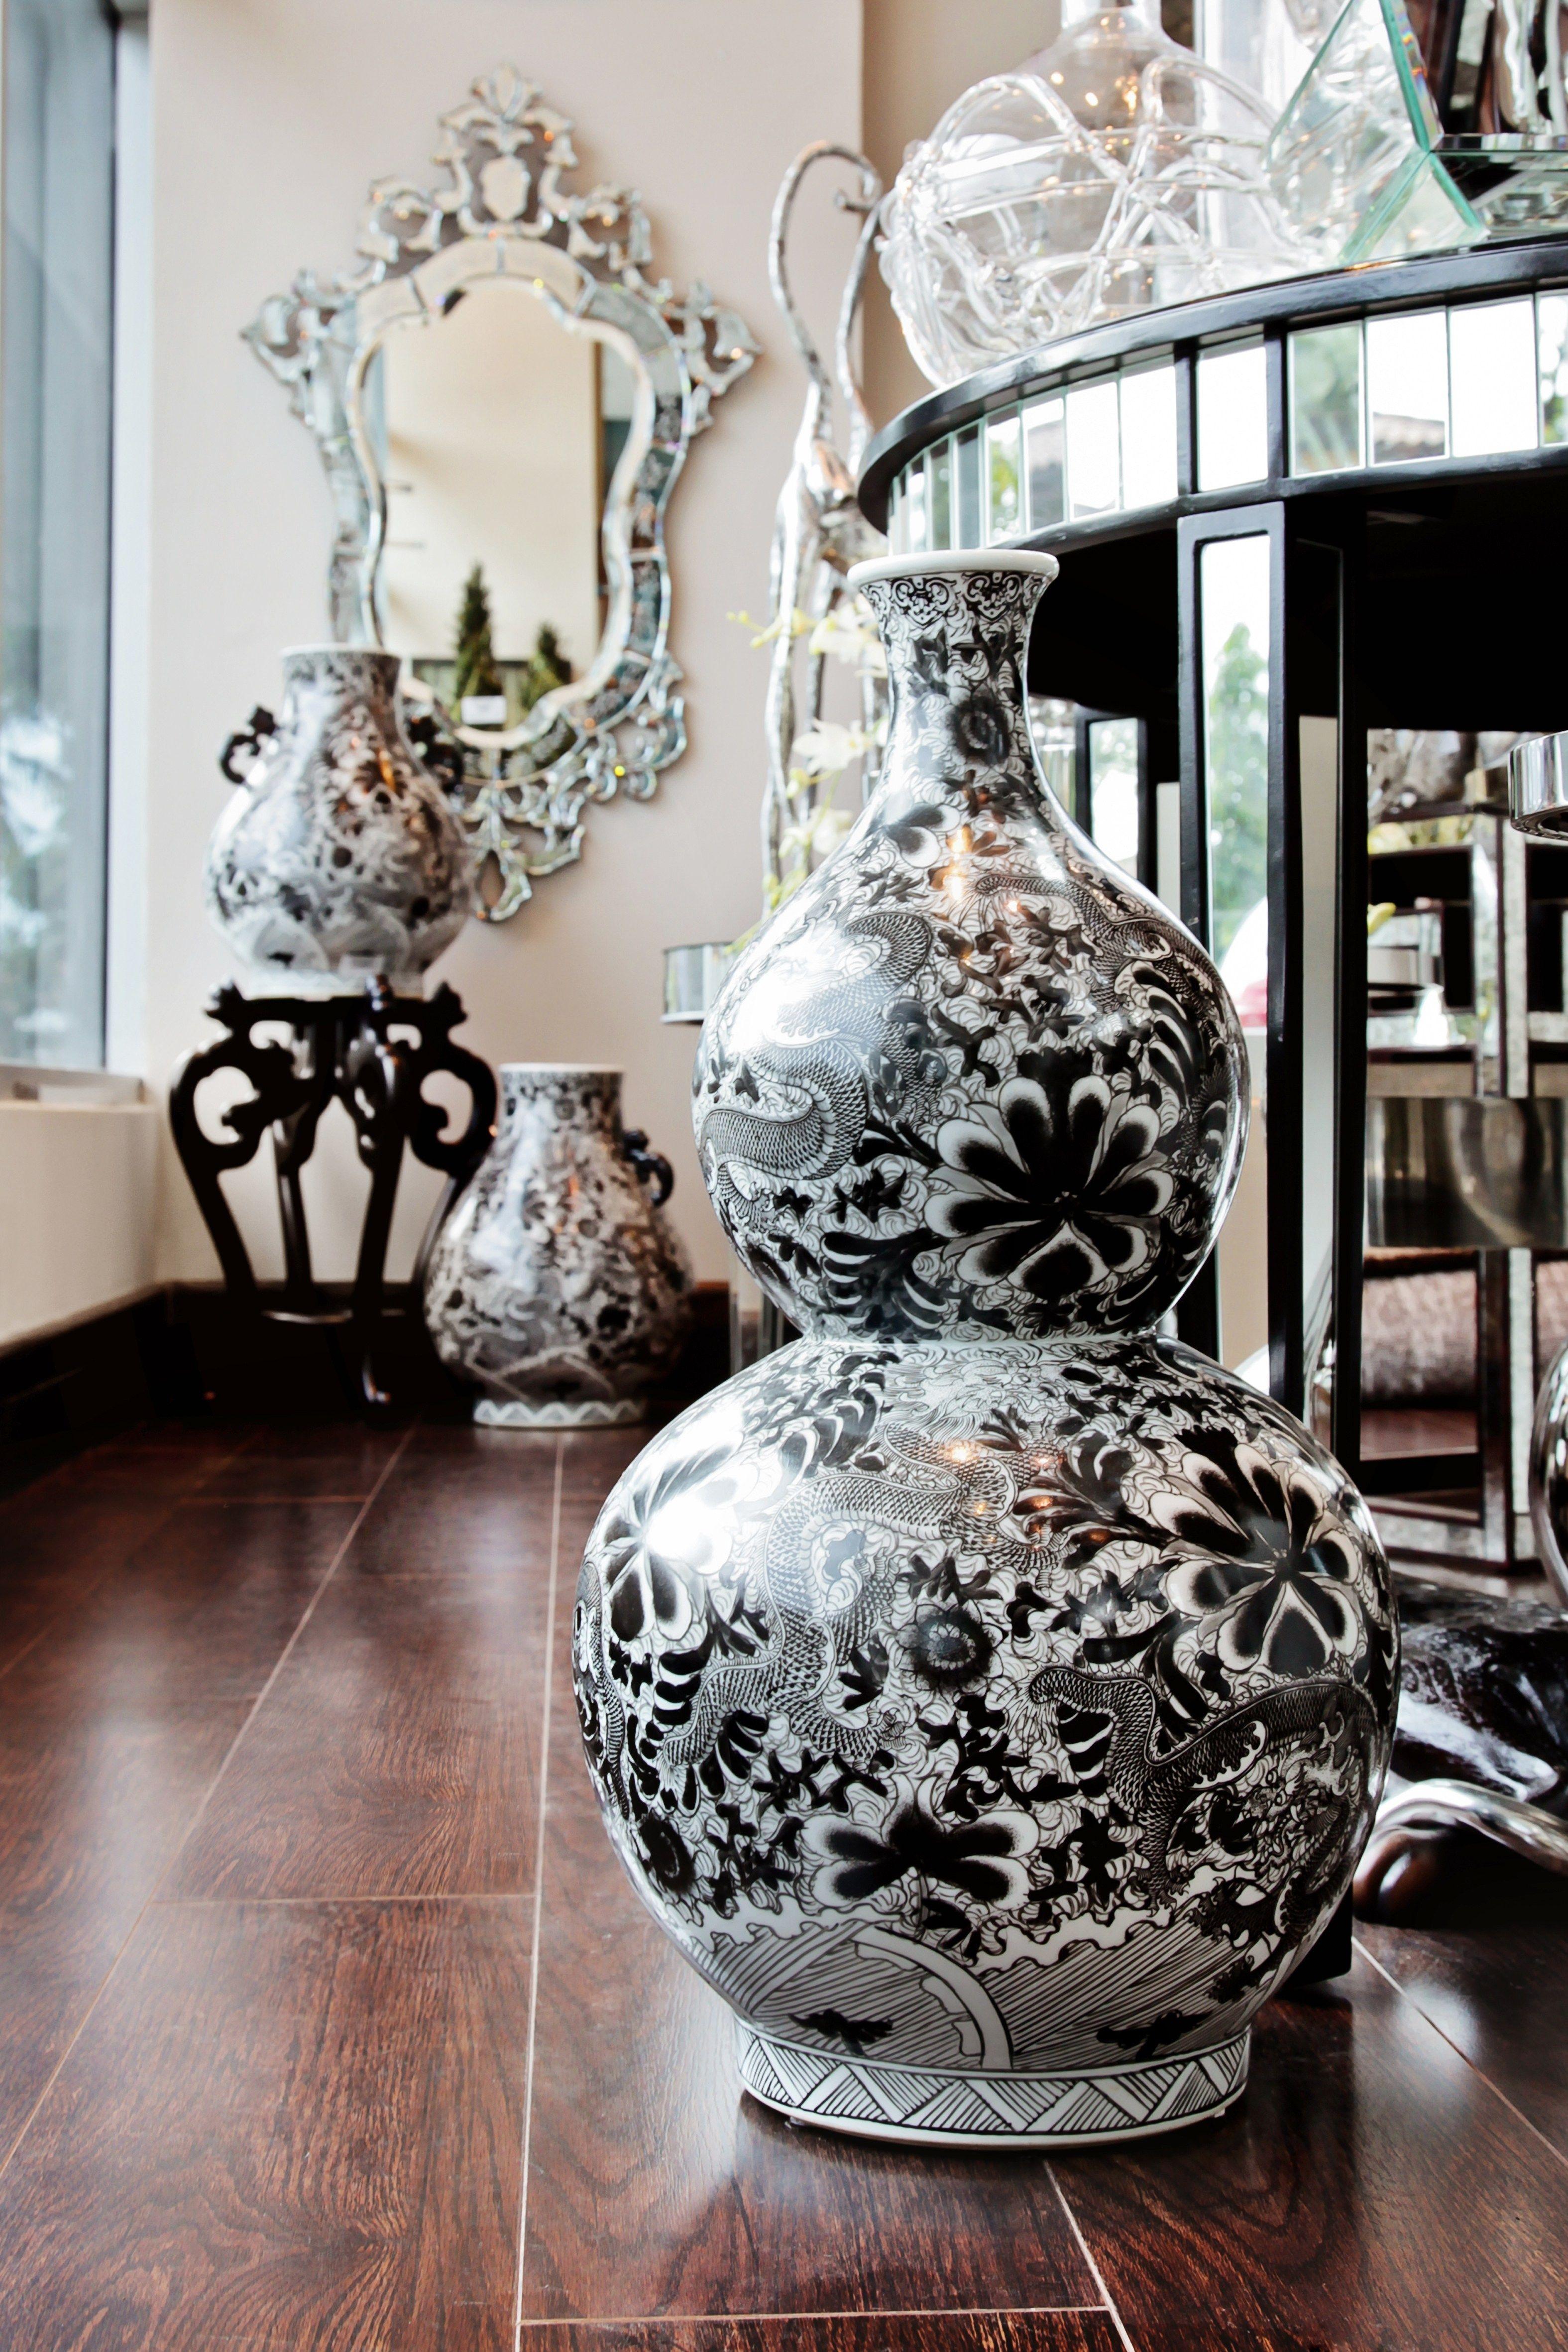 Jarrones negros jarrones grandes accesorios en home gallery novedades home decor decor - Jarrones plateados ...